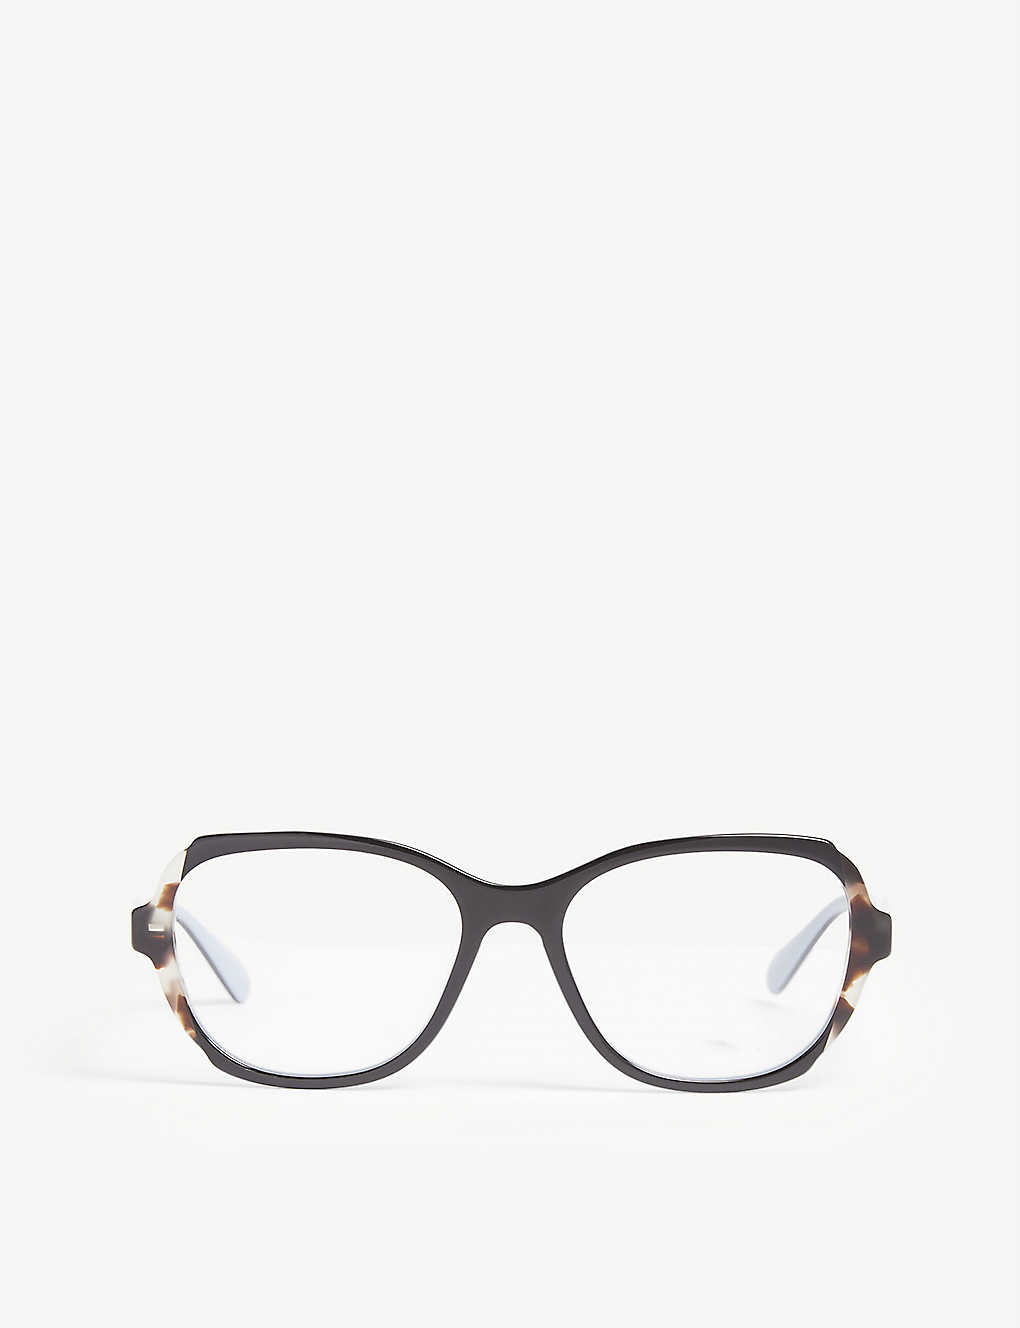 6bb582830842 PRADA - Pr03vv square-frame glasses | Selfridges.com